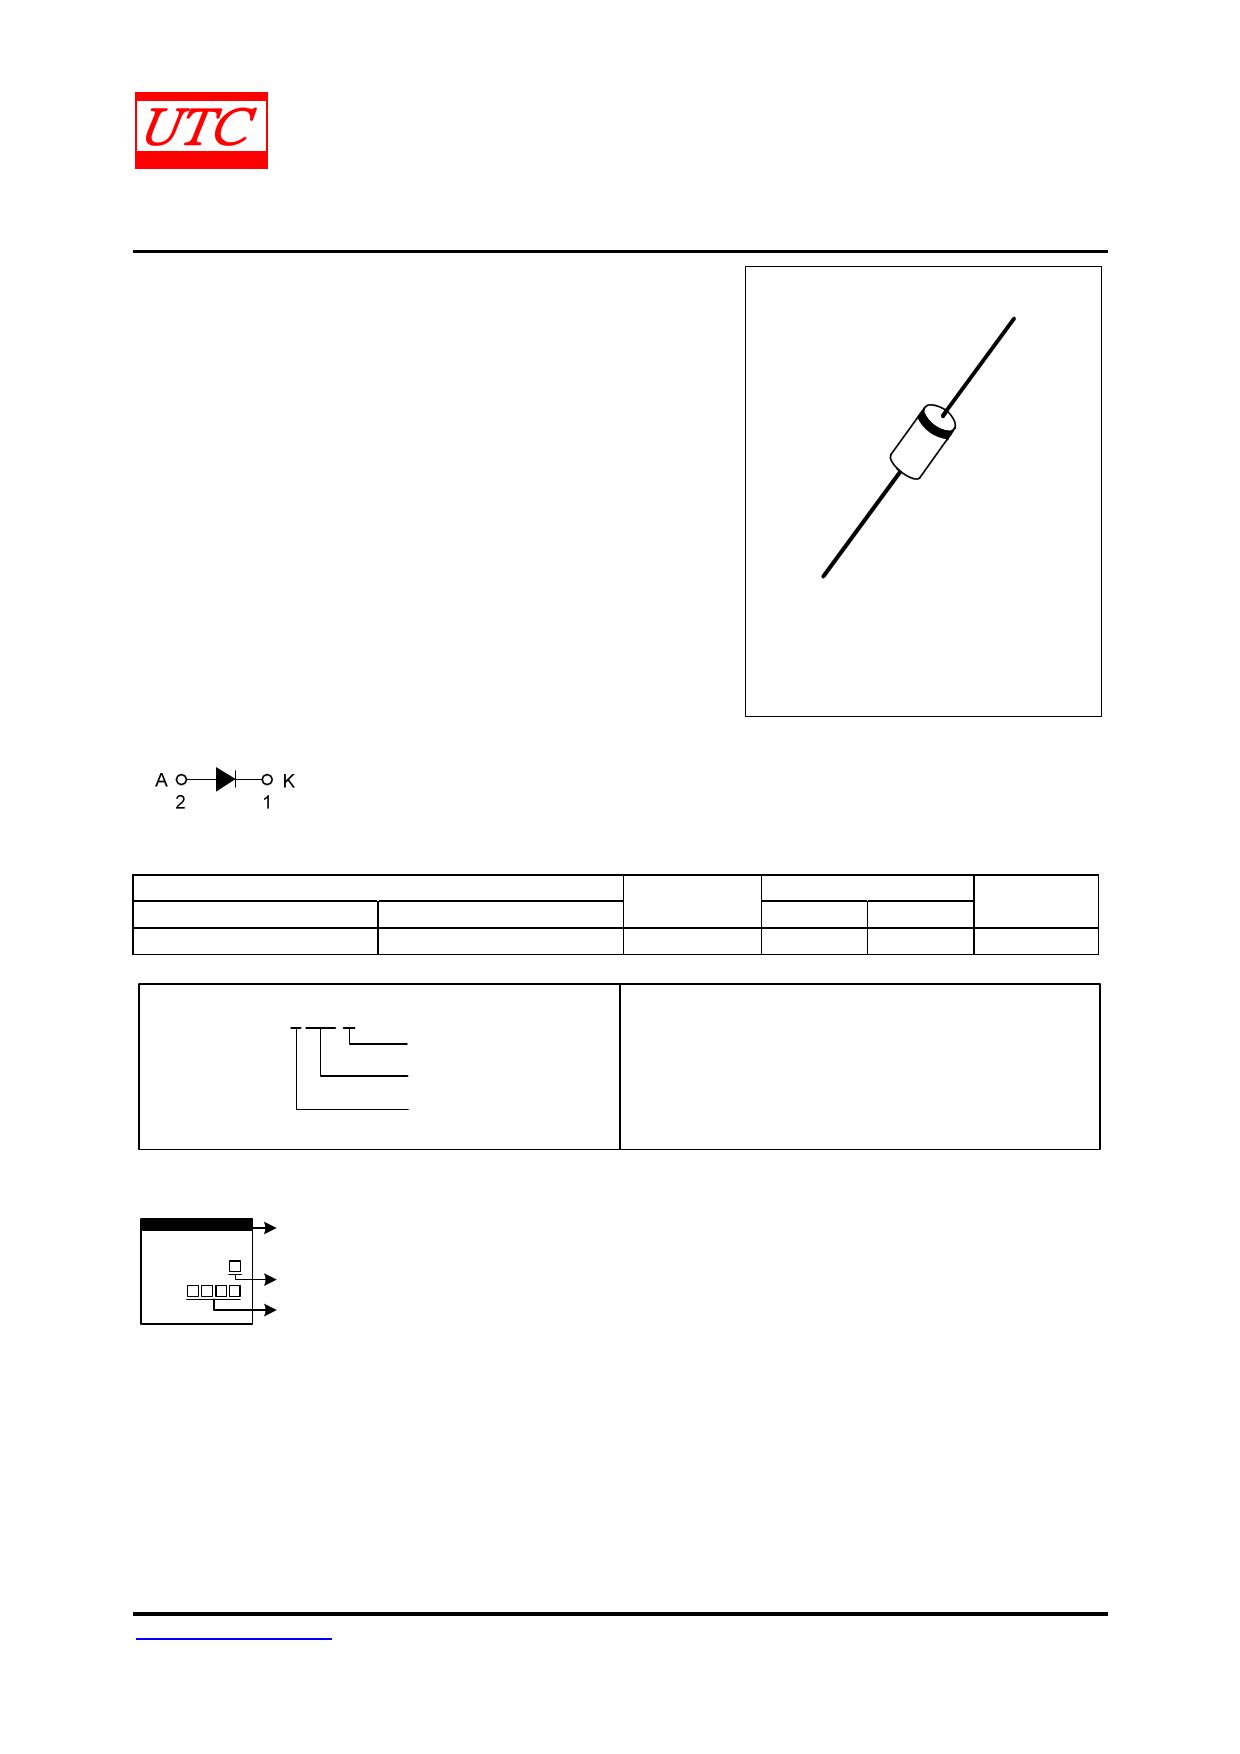 1N4745A Datasheet, 1N4745A PDF,ピン配置, 機能